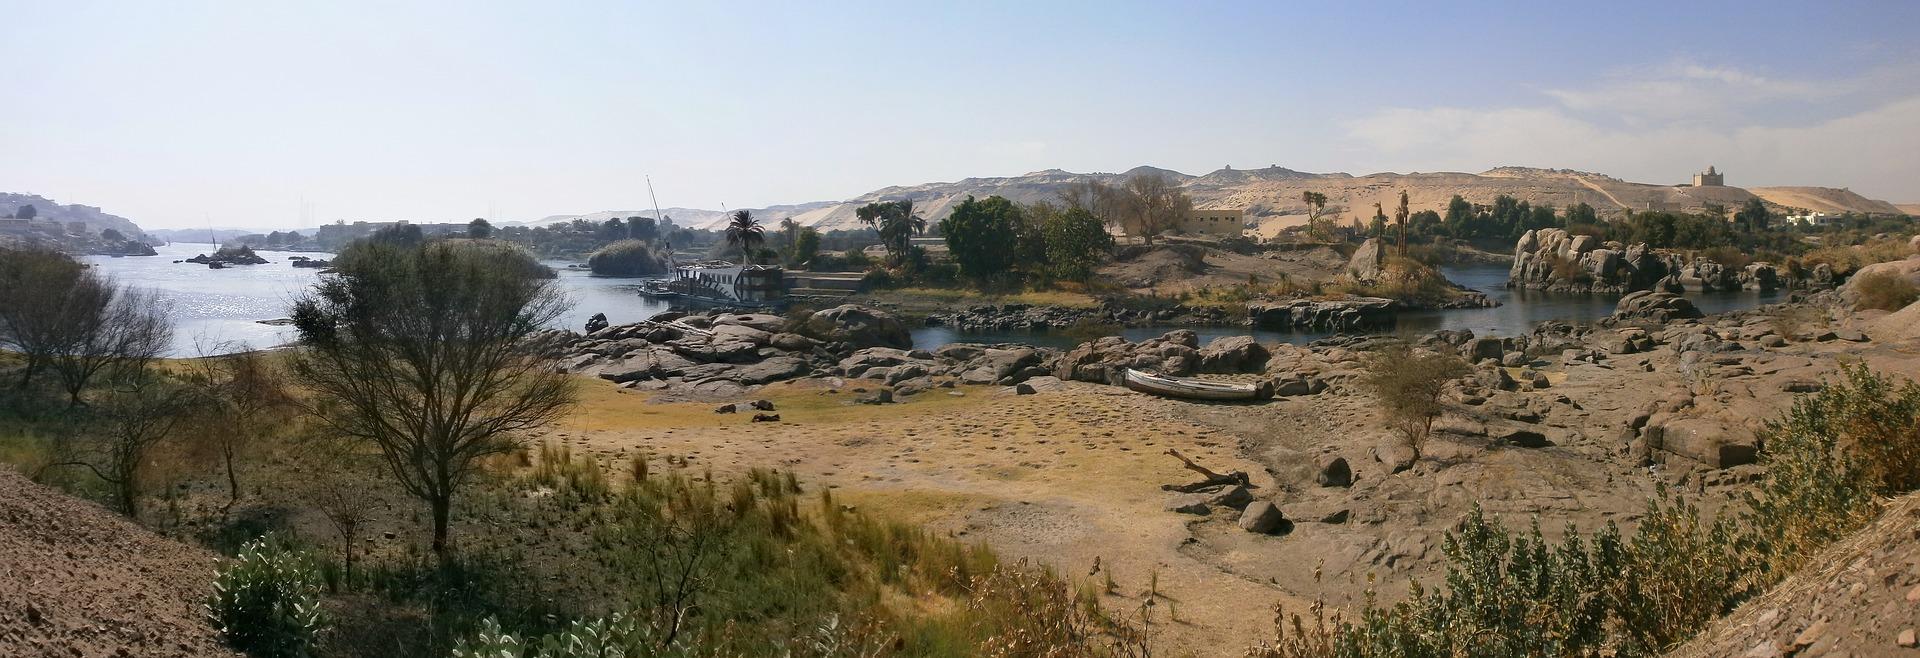 Aswan Egypte rivier de Nijl